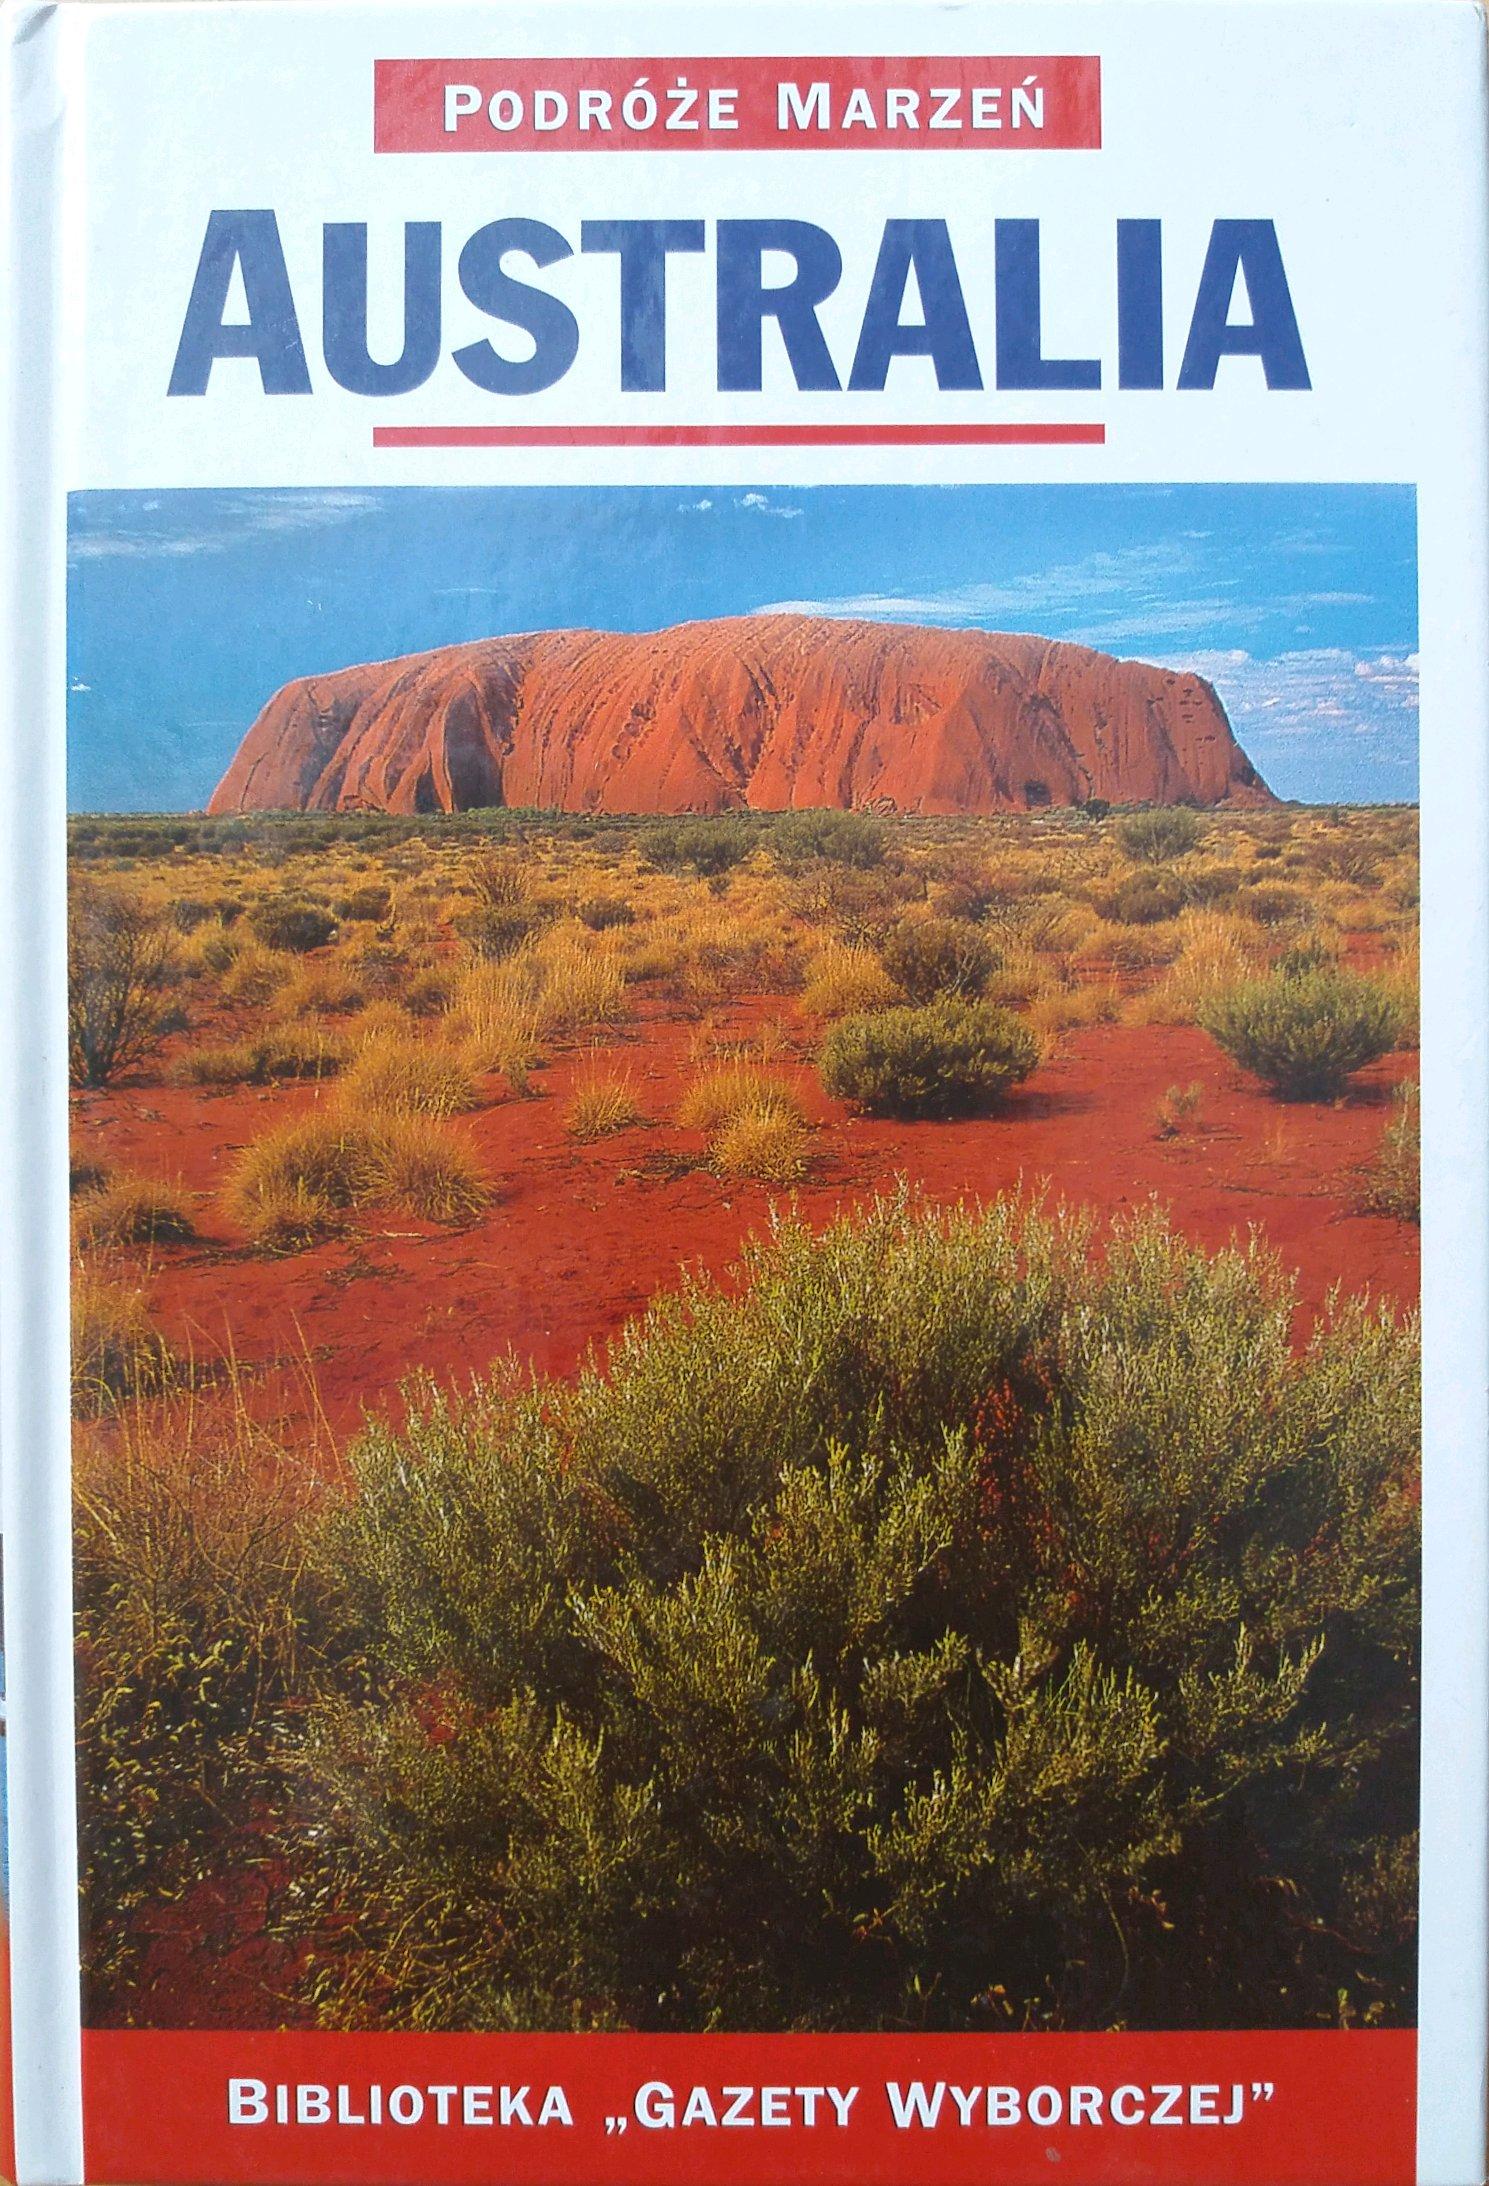 Znalezione obrazy dla zapytania: Podróże marzeń Nr 14 - Australia